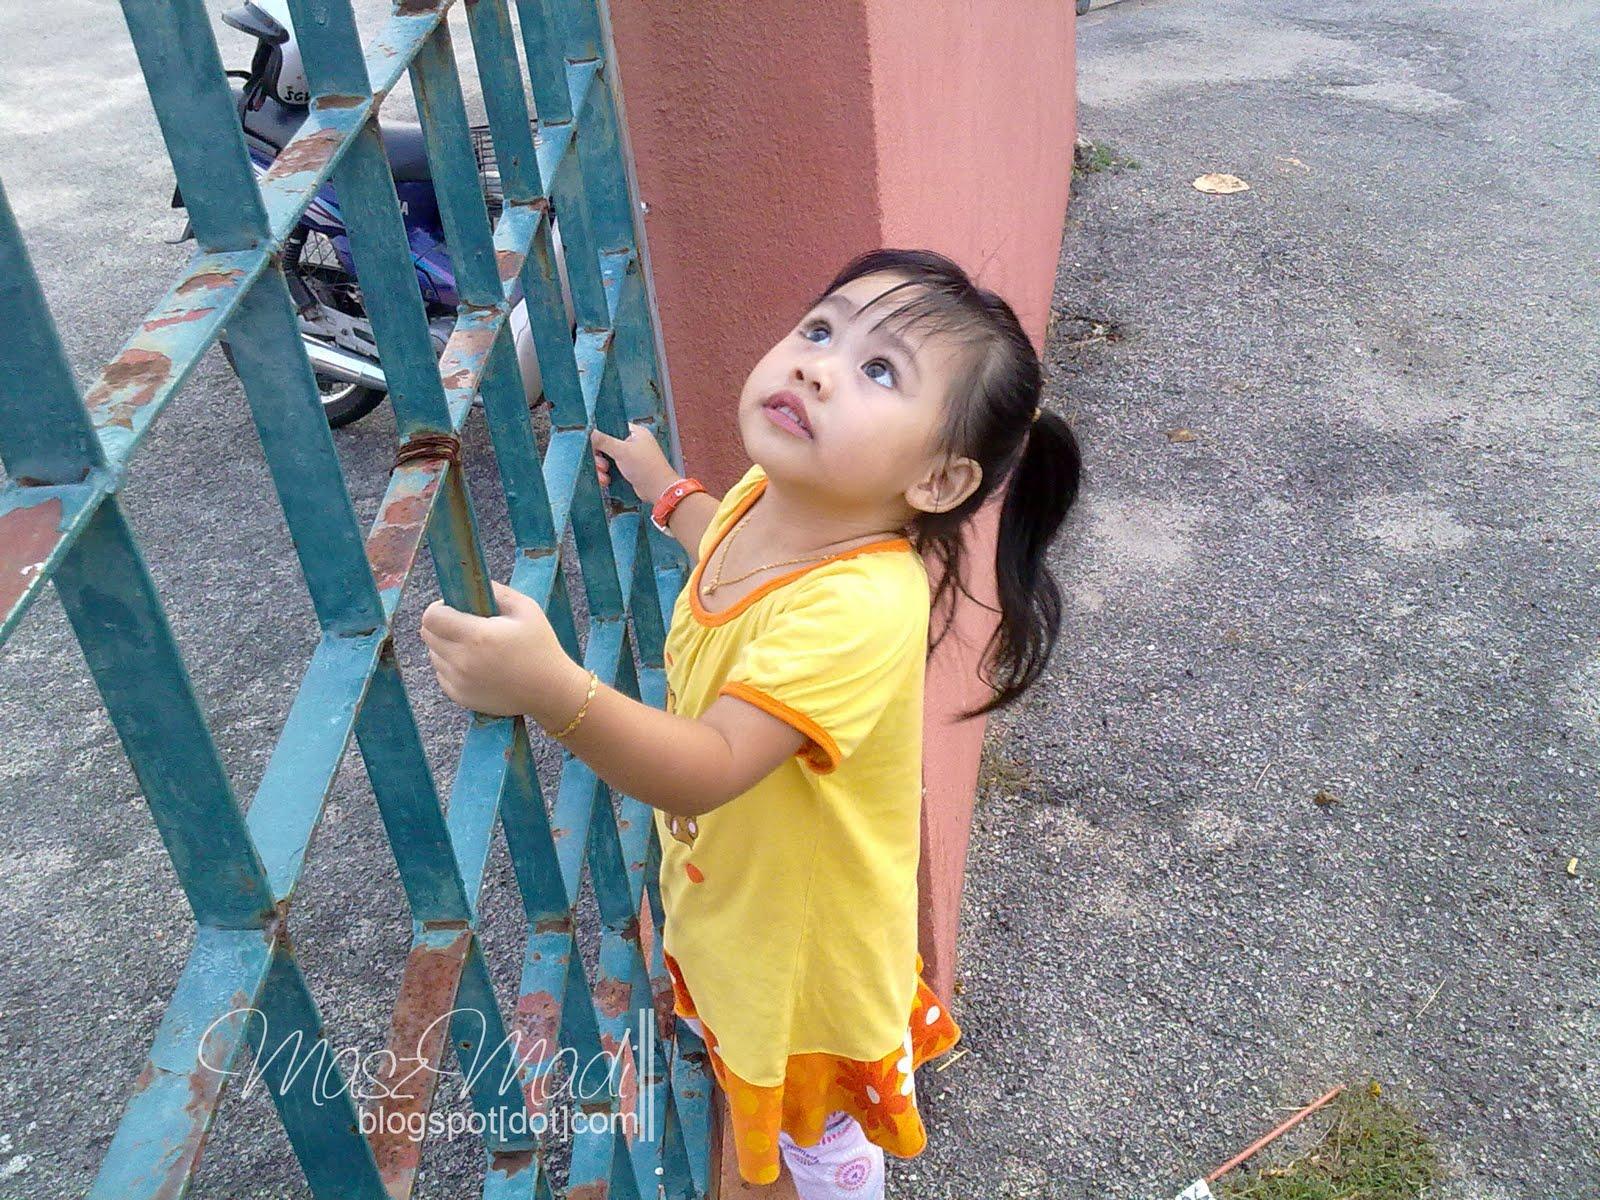 Si Blogger Mama September 2011 Soul Out Utusan1 Wah Cubaan Untuk Memanjat Lagi Tinggi Tapi Aku Menghalang Takut2 Ada Sesuatu Yang Tidak Dikehendaki Berlaku